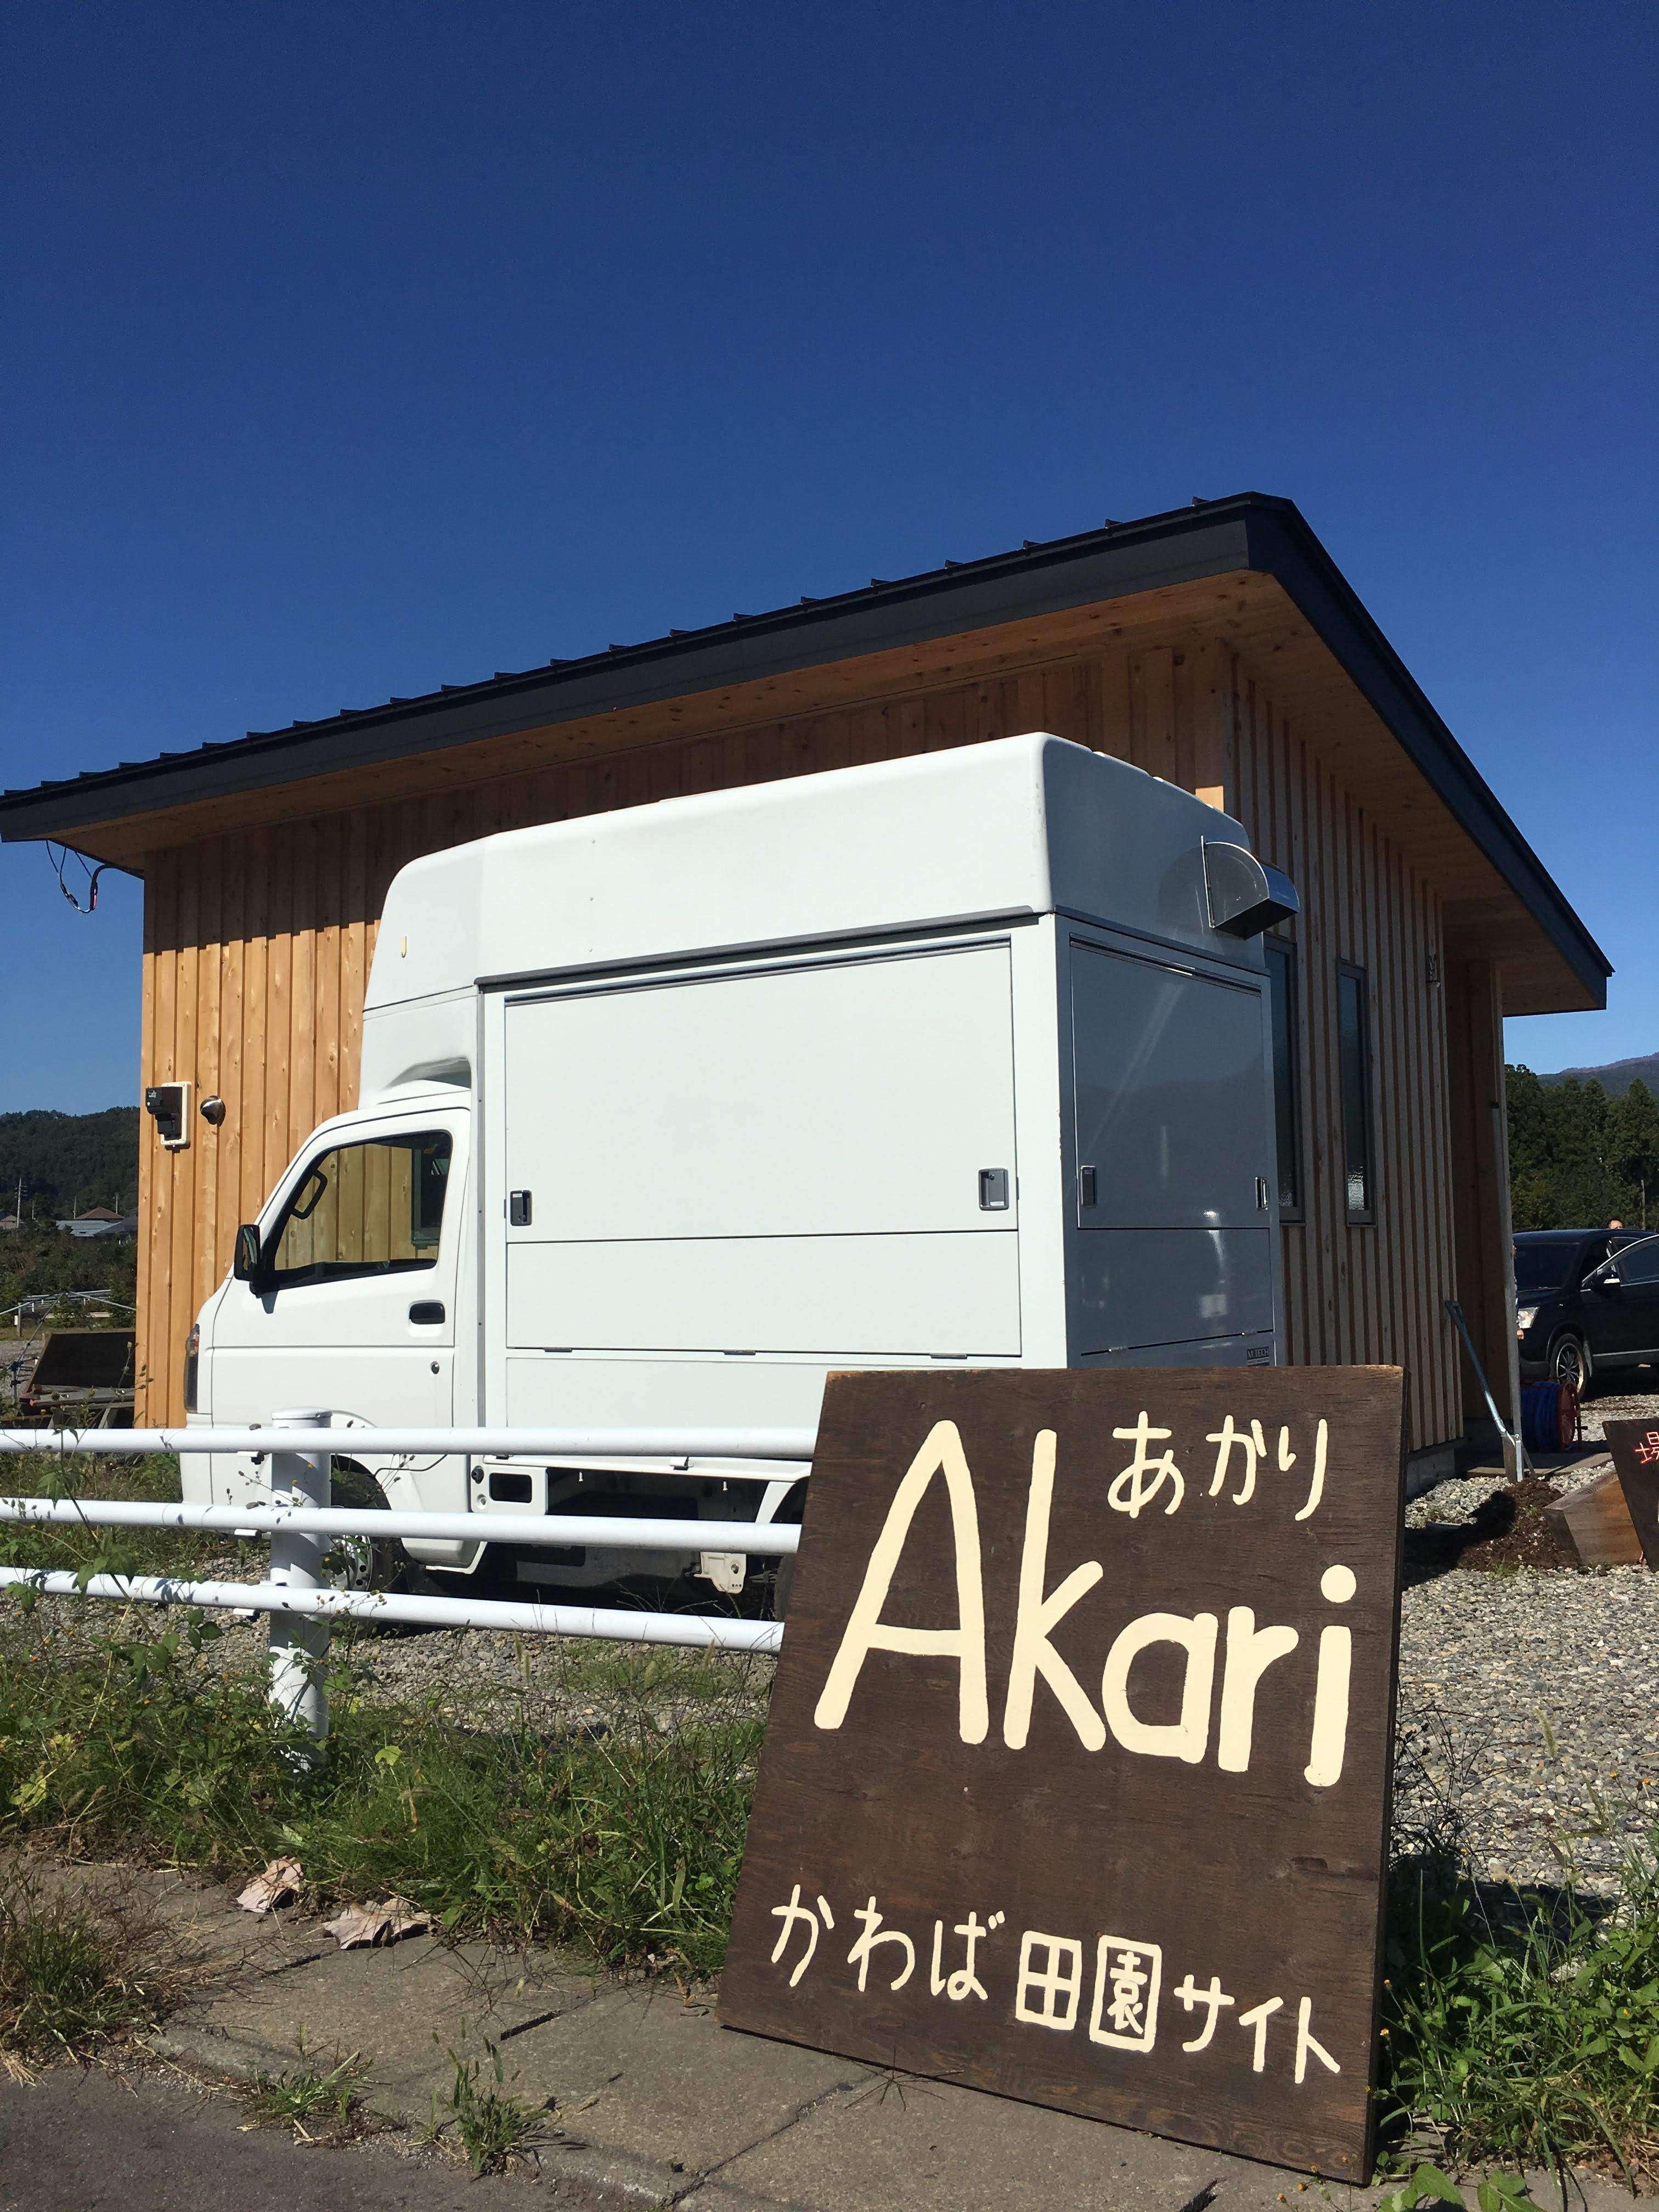 Akari Kawaba Denen Campsite